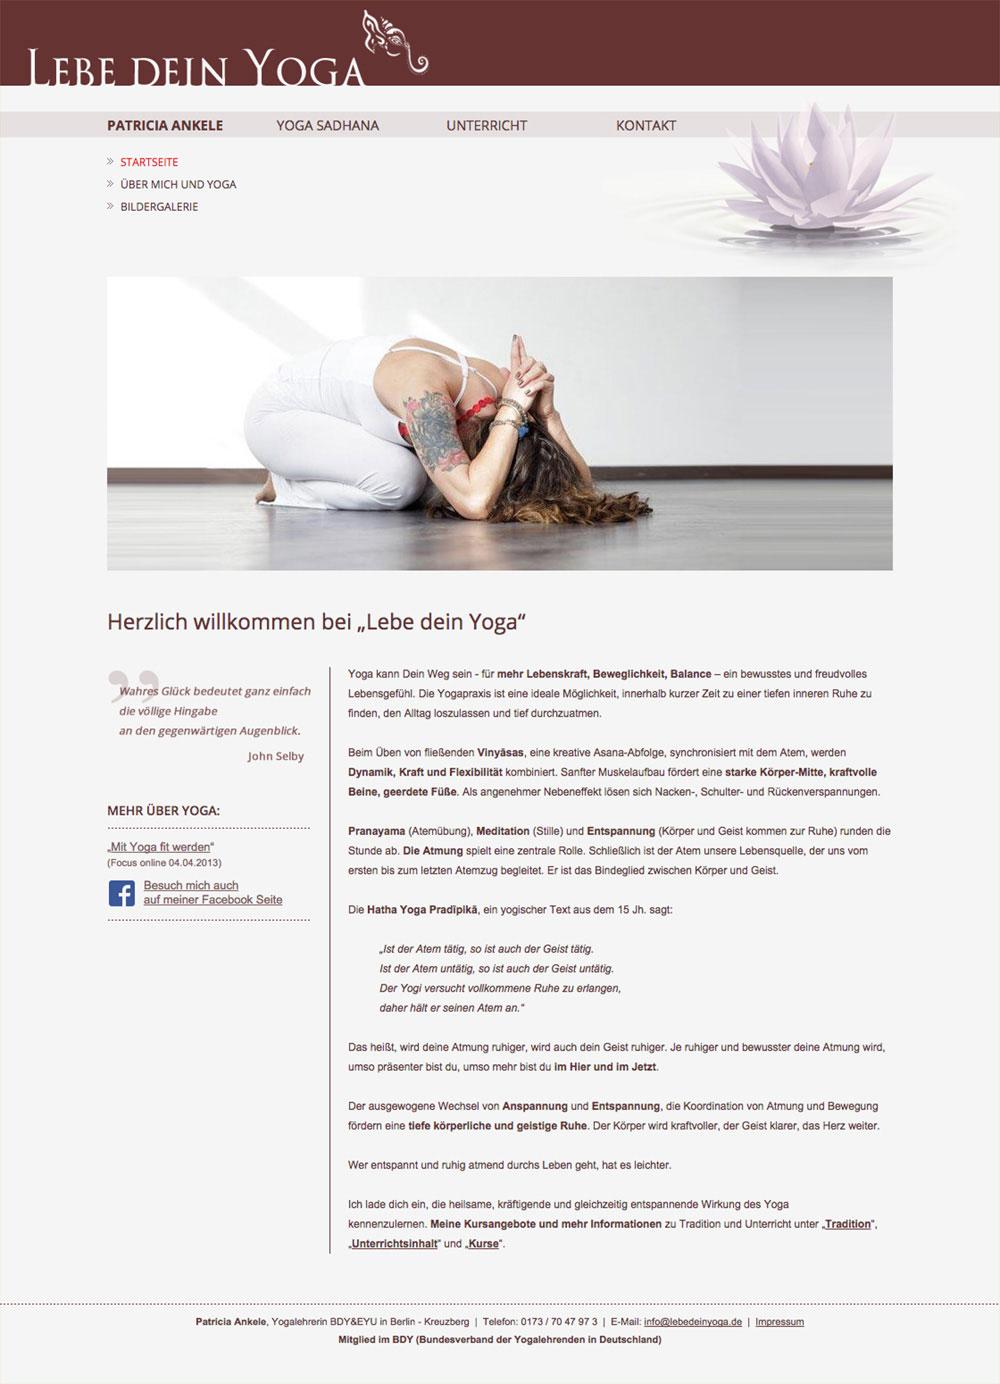 lebe-dein-yoga-image-1